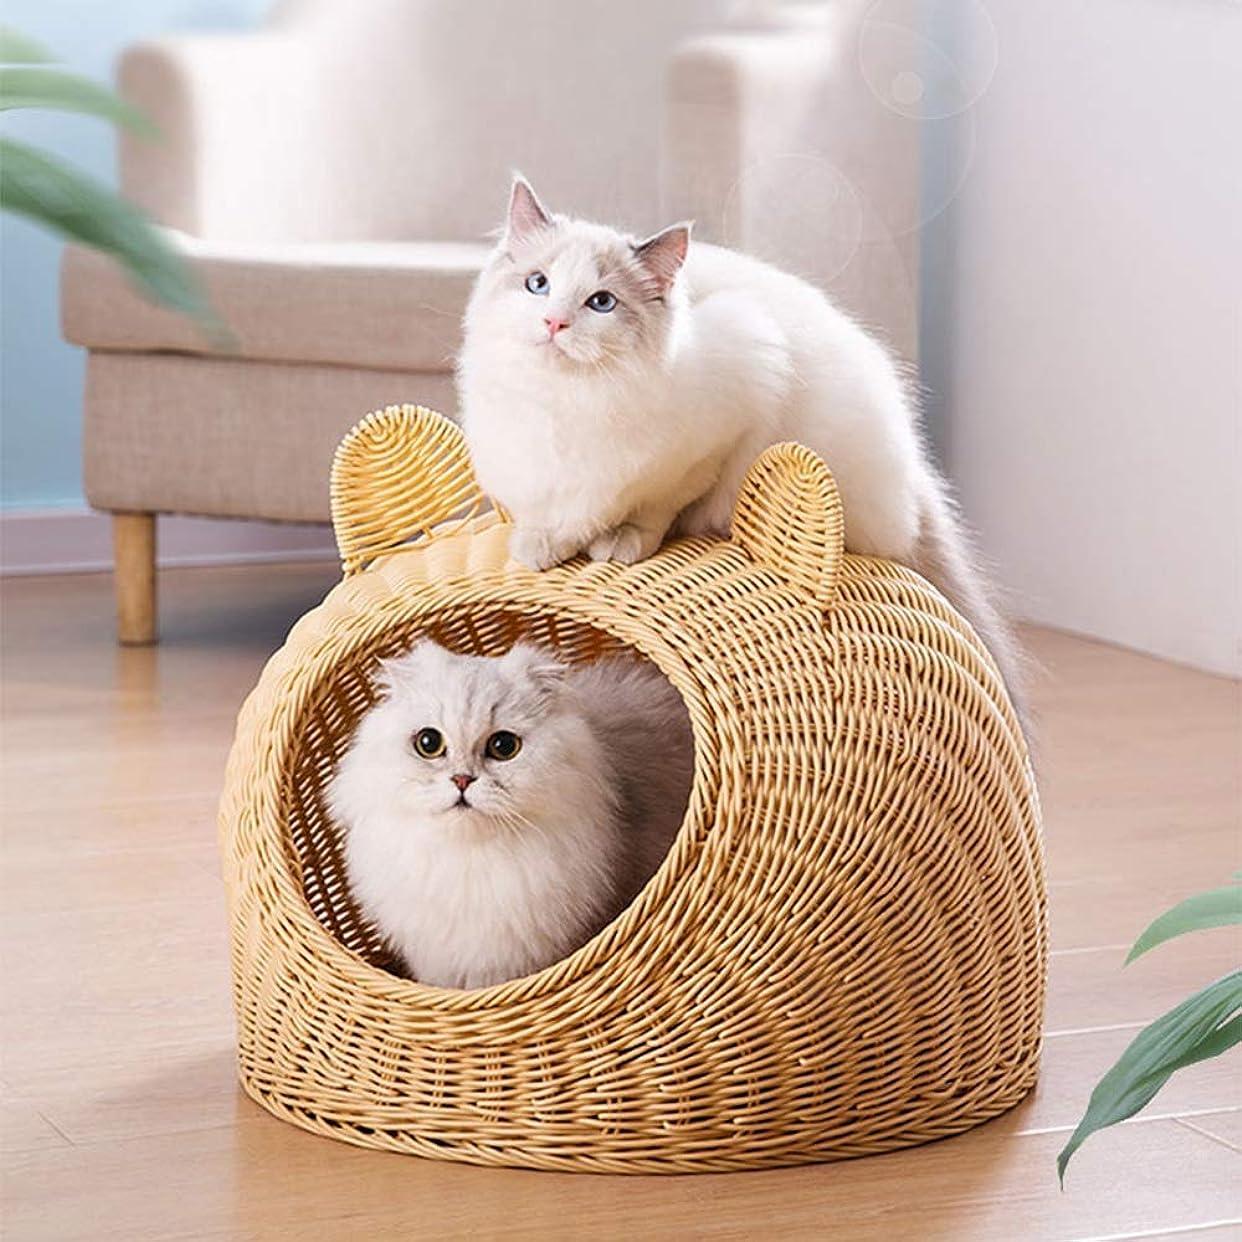 競合他社選手速度振りかけるペットベッド取り外し可能な洗える籐四季の普遍的な、柔らかい猫と犬の同伴のベッド猫の寝袋、屋内と屋外のために適した (M)